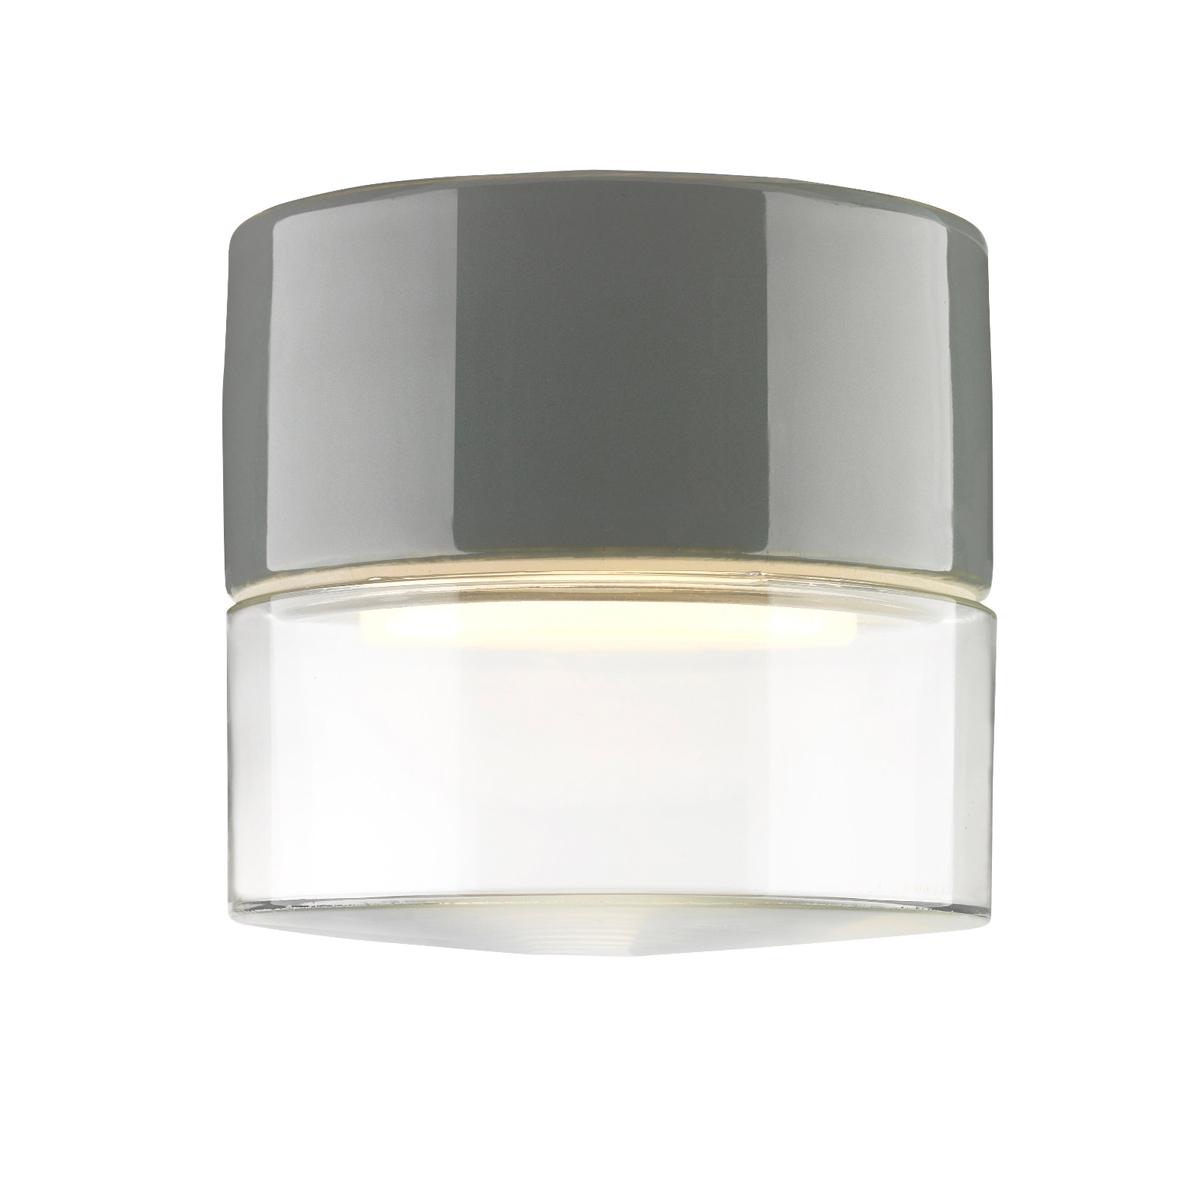 schlichte deckenleuchte mit glasschirm an einer keramikhalterung. Black Bedroom Furniture Sets. Home Design Ideas